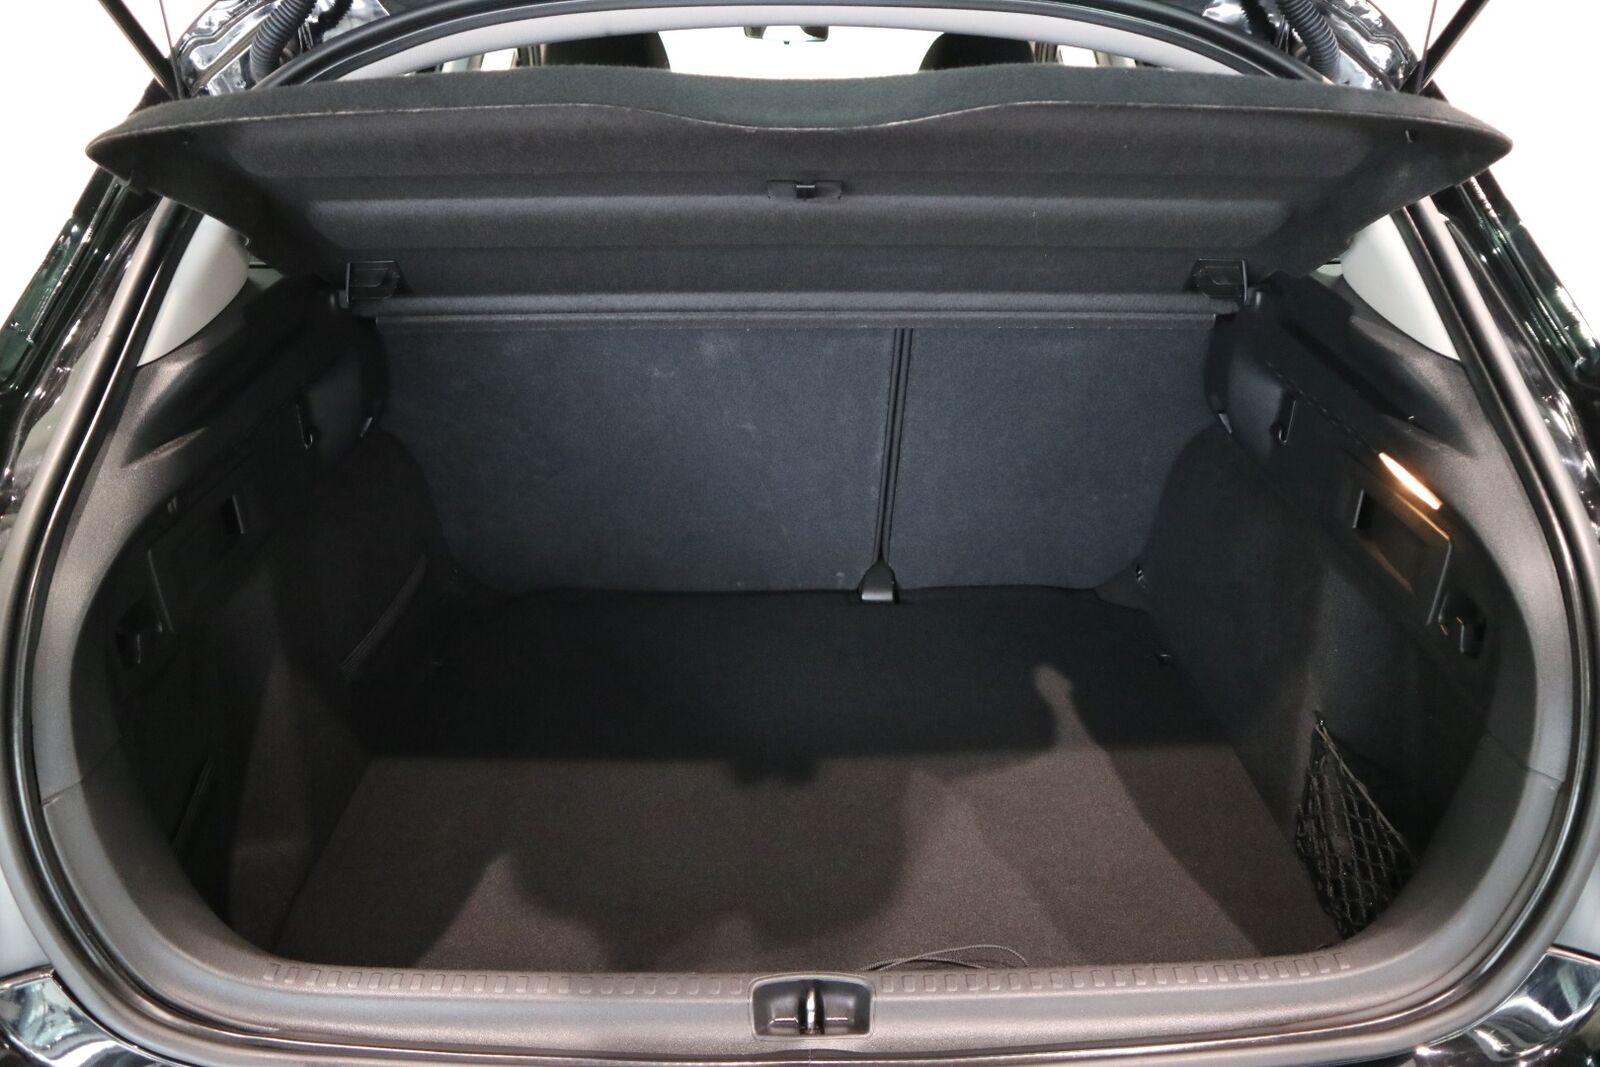 Citroën C4 1,6 BlueHDi 100 Feel Complet - billede 14